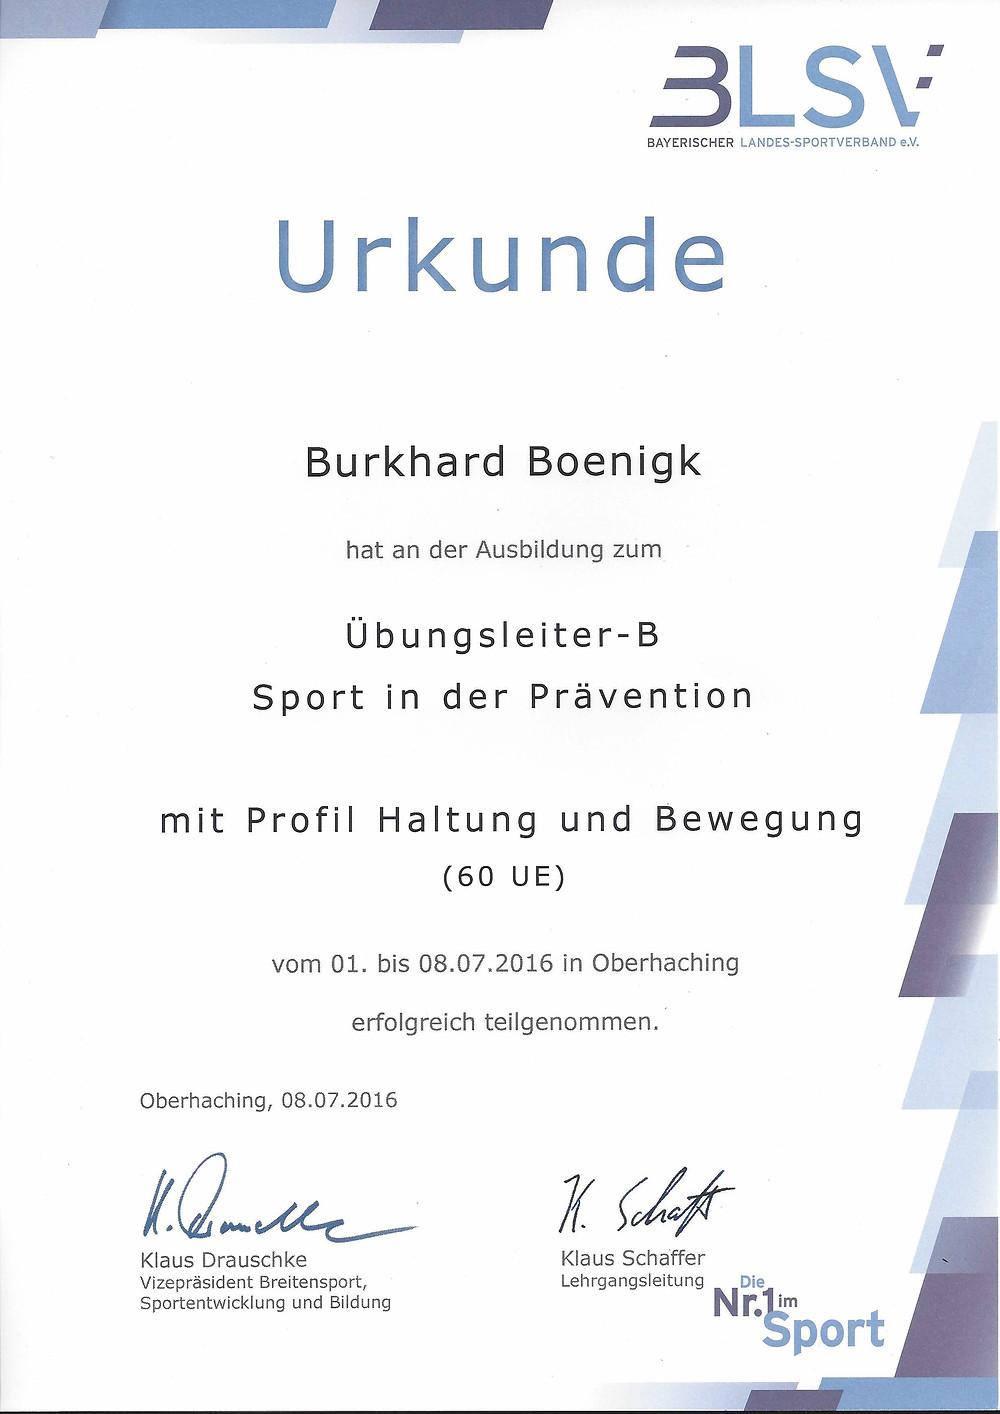 Laufinstinkt Schwaben Augsburg - BLSV-Übungsleiter-B Sport in der Prävention - Haltung und Bewegung